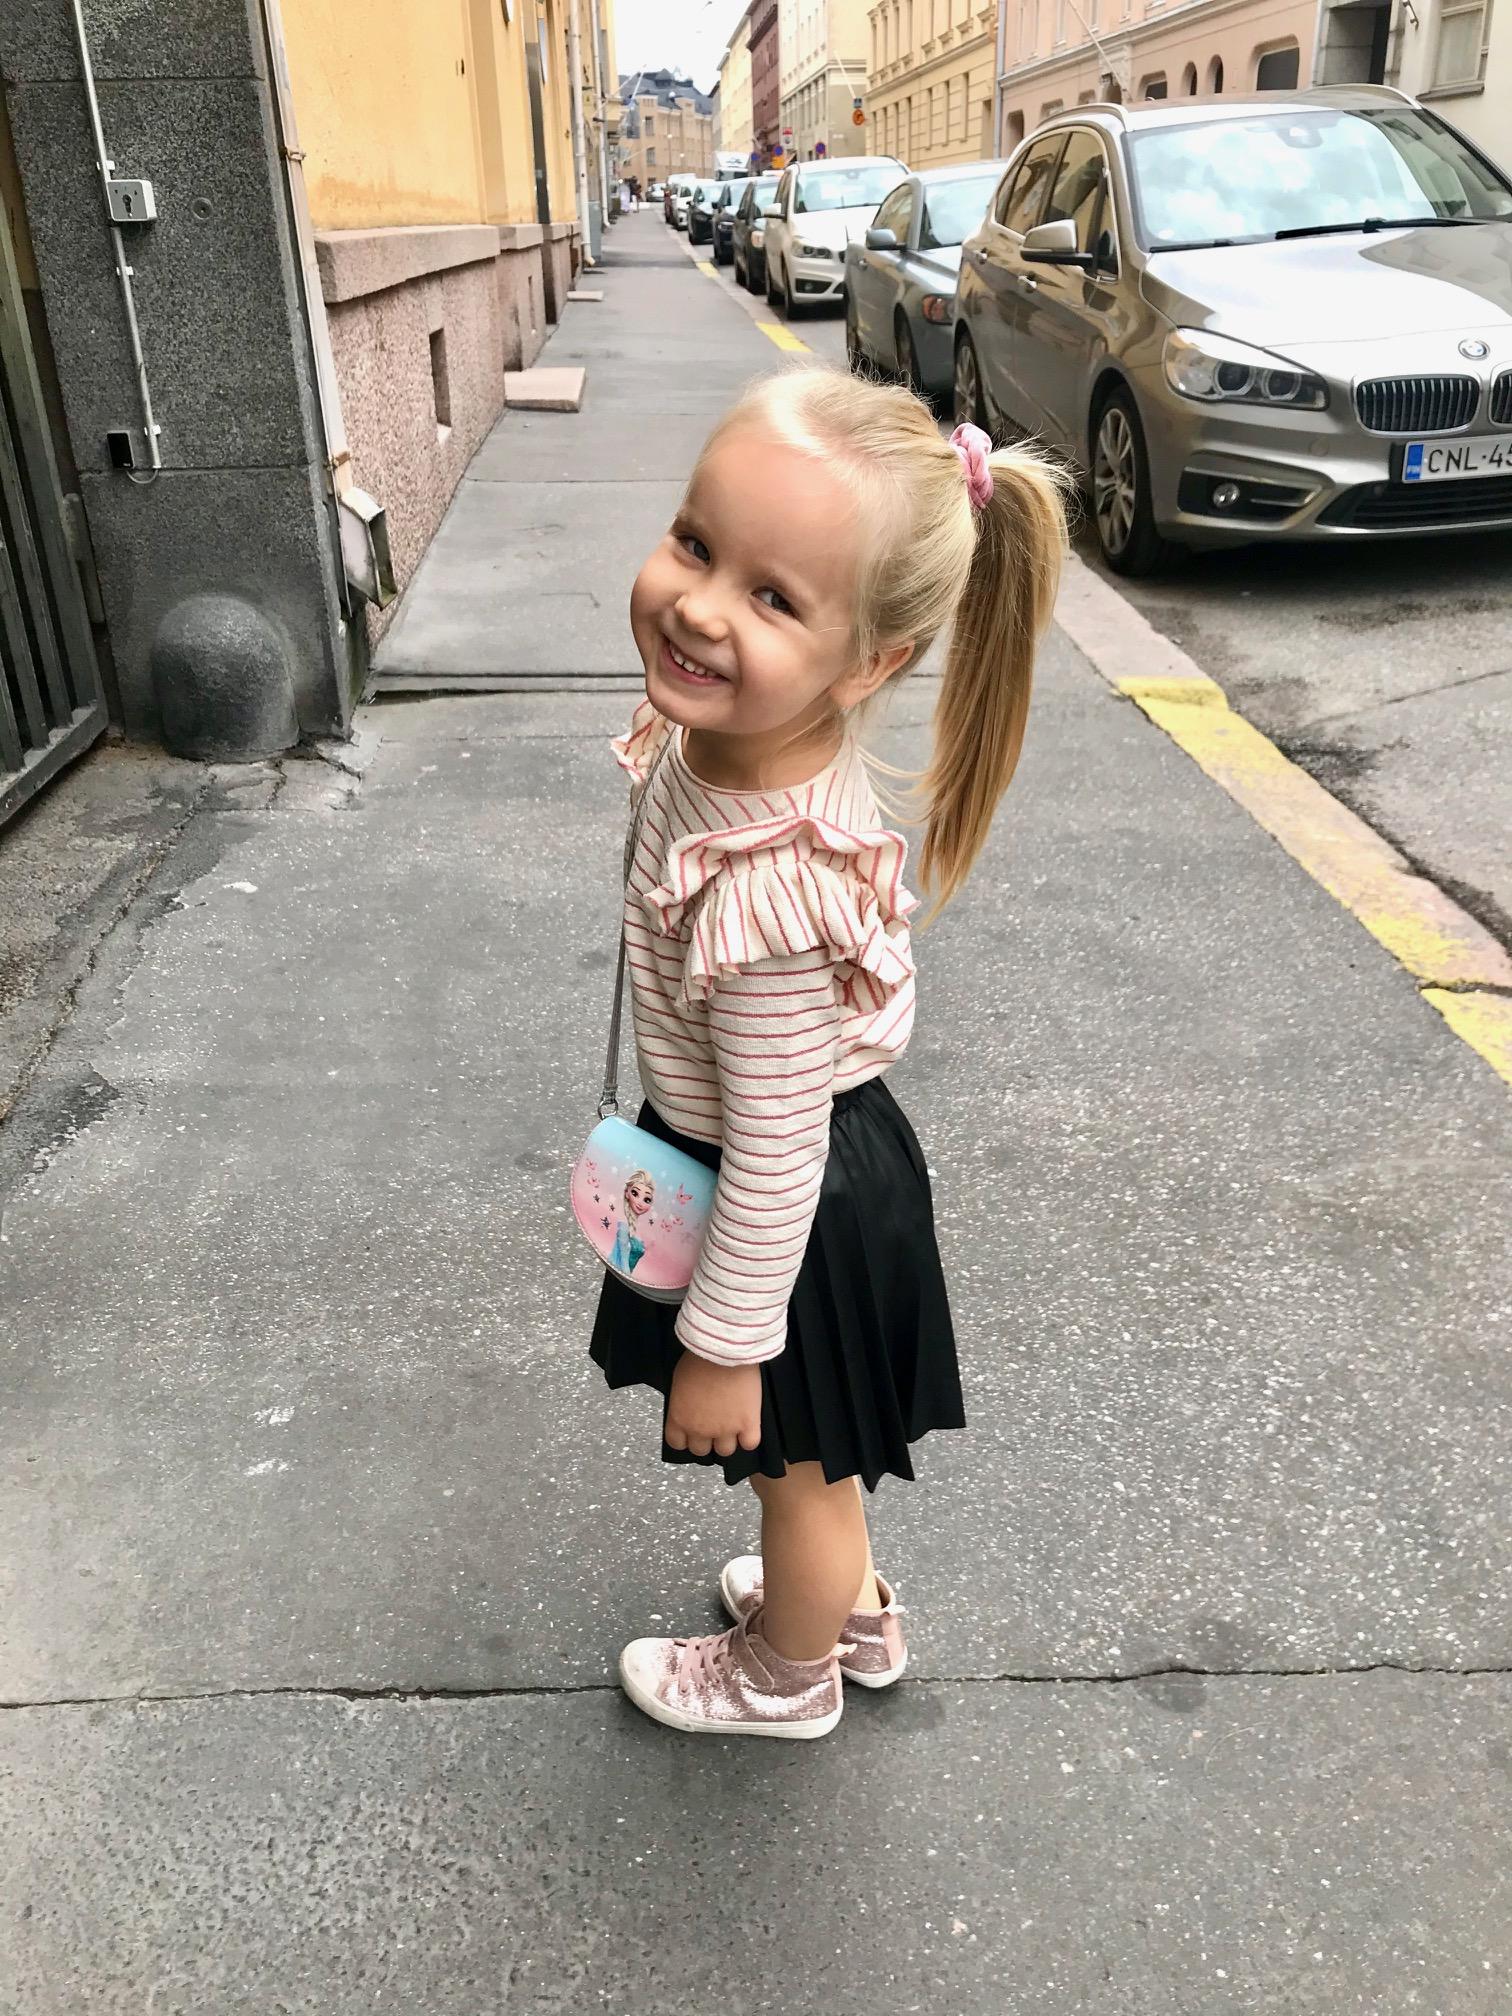 Kuvan lapsi liittyy vahvasti pannukakku -episodiin.